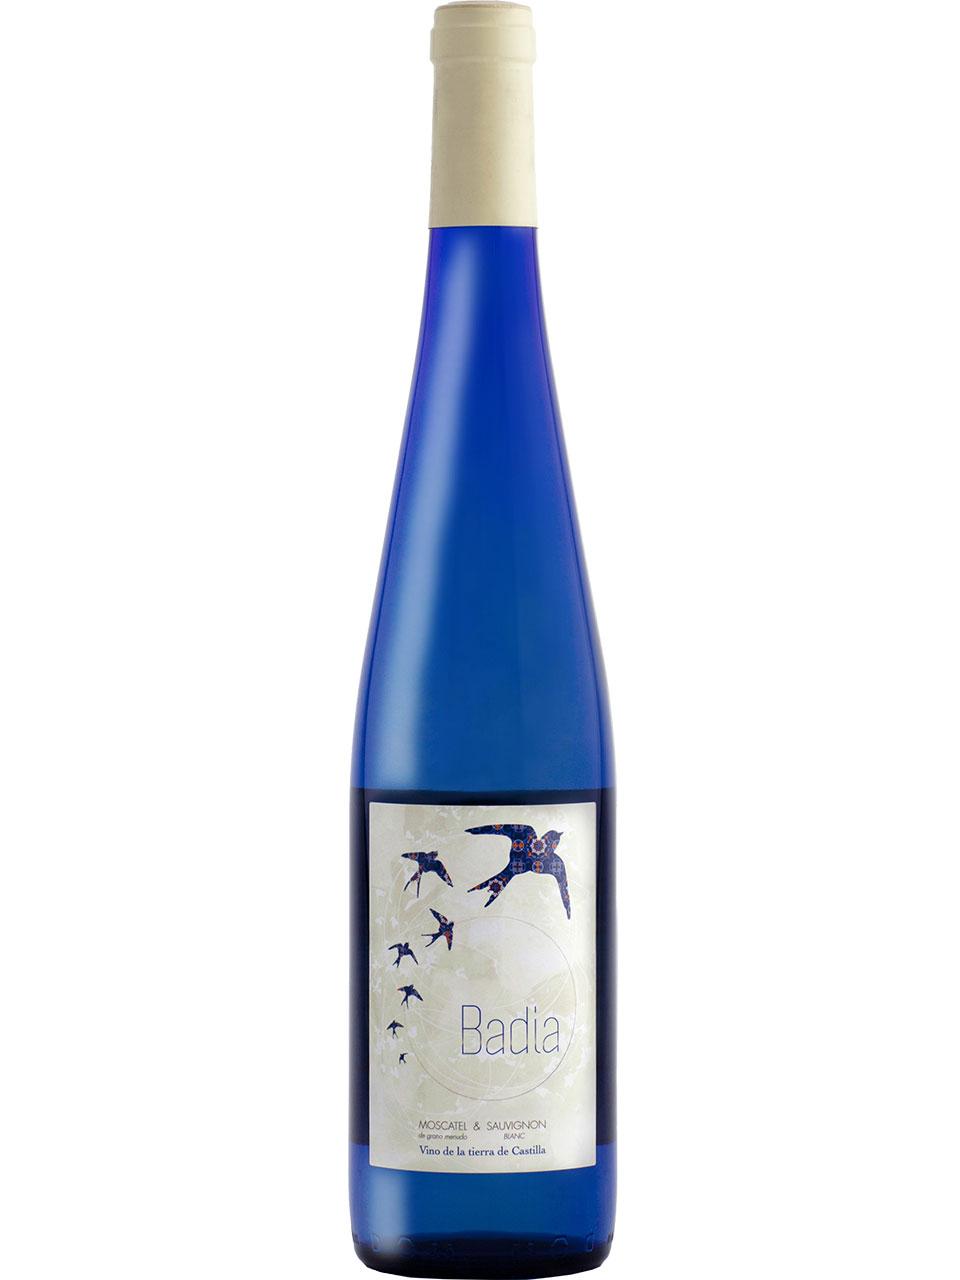 Quinta de Aves Badia - Muscat & Sauvignon Blanc